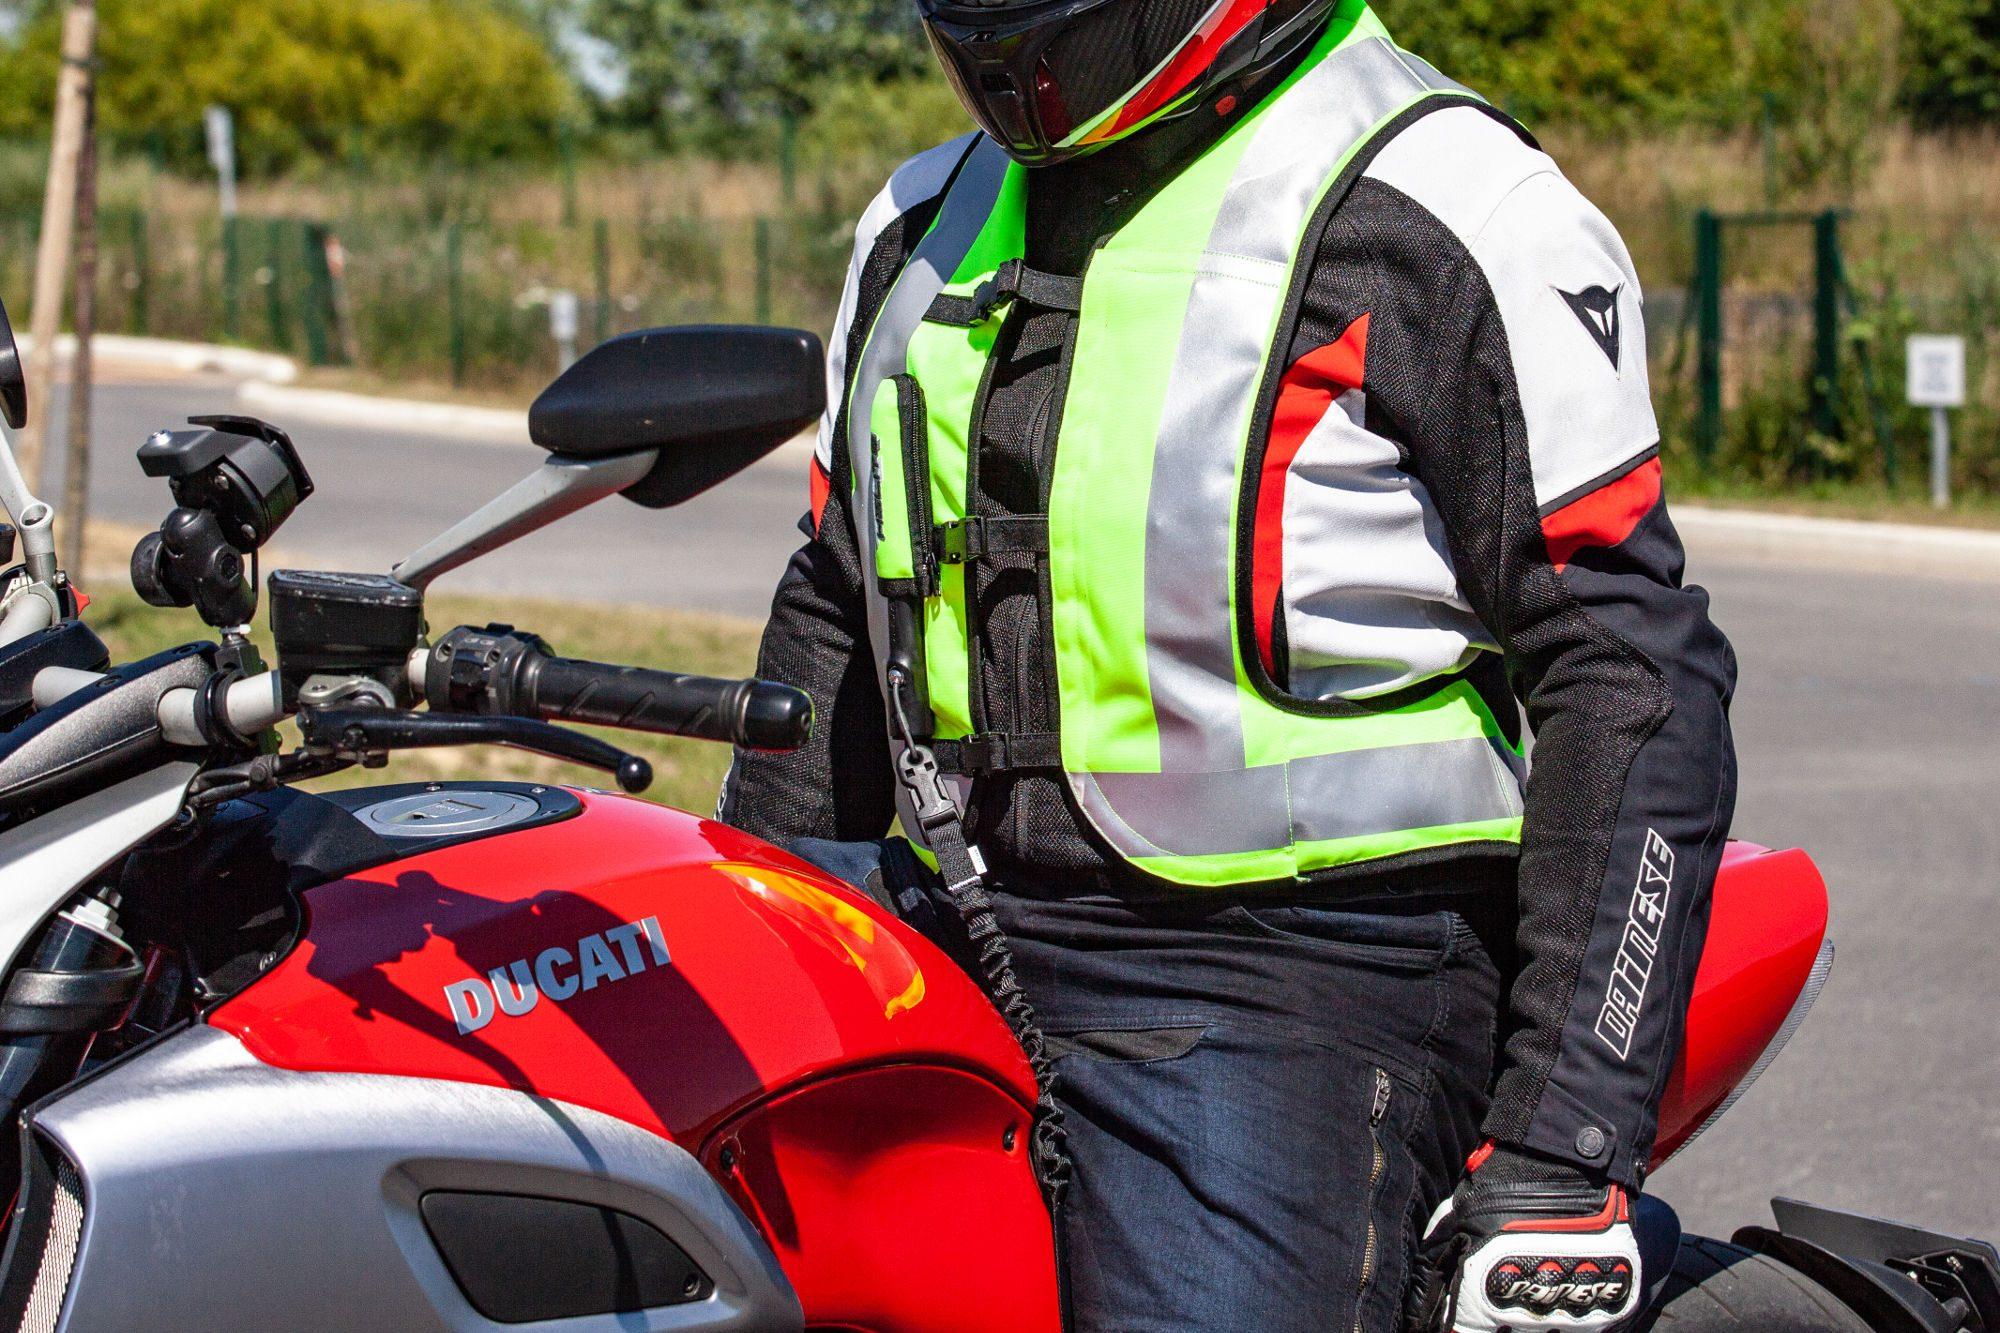 La sécurité routière a une idée de cadeau de Noël pour les motards